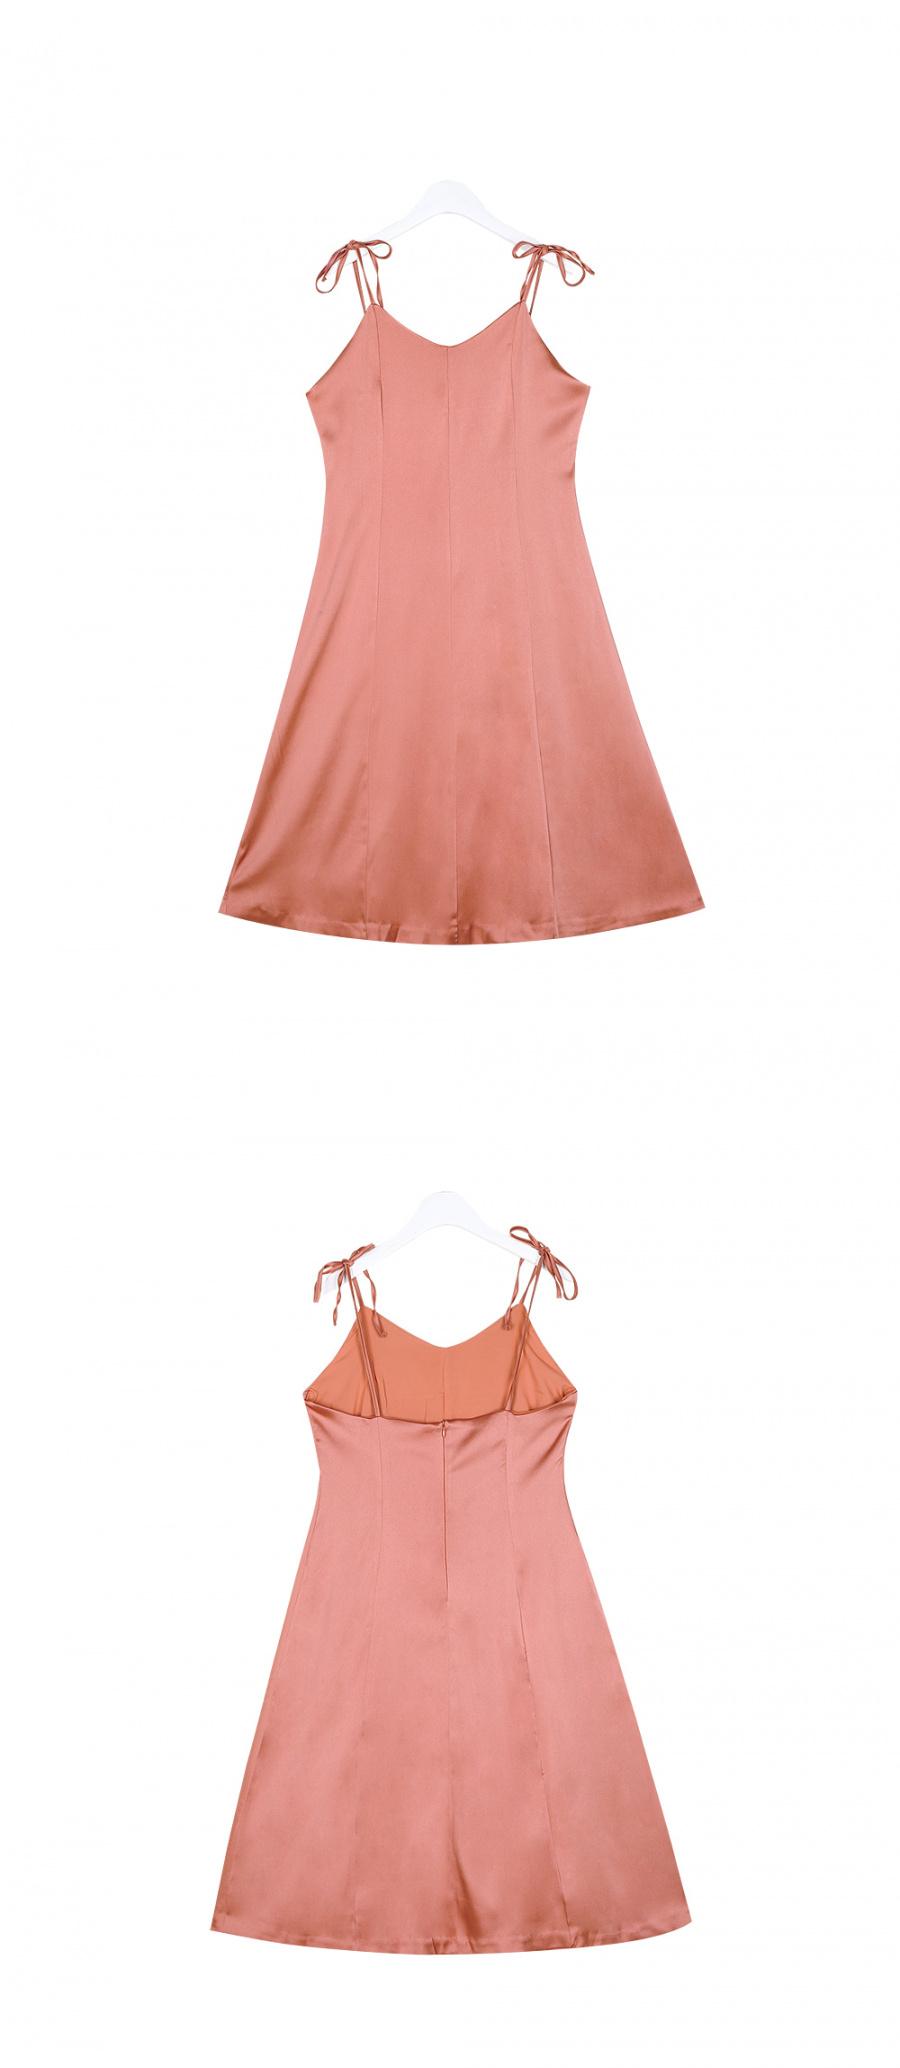 누이슈(NUISSUE) SILKY SLEEVELESS DRESS ROSE PINK